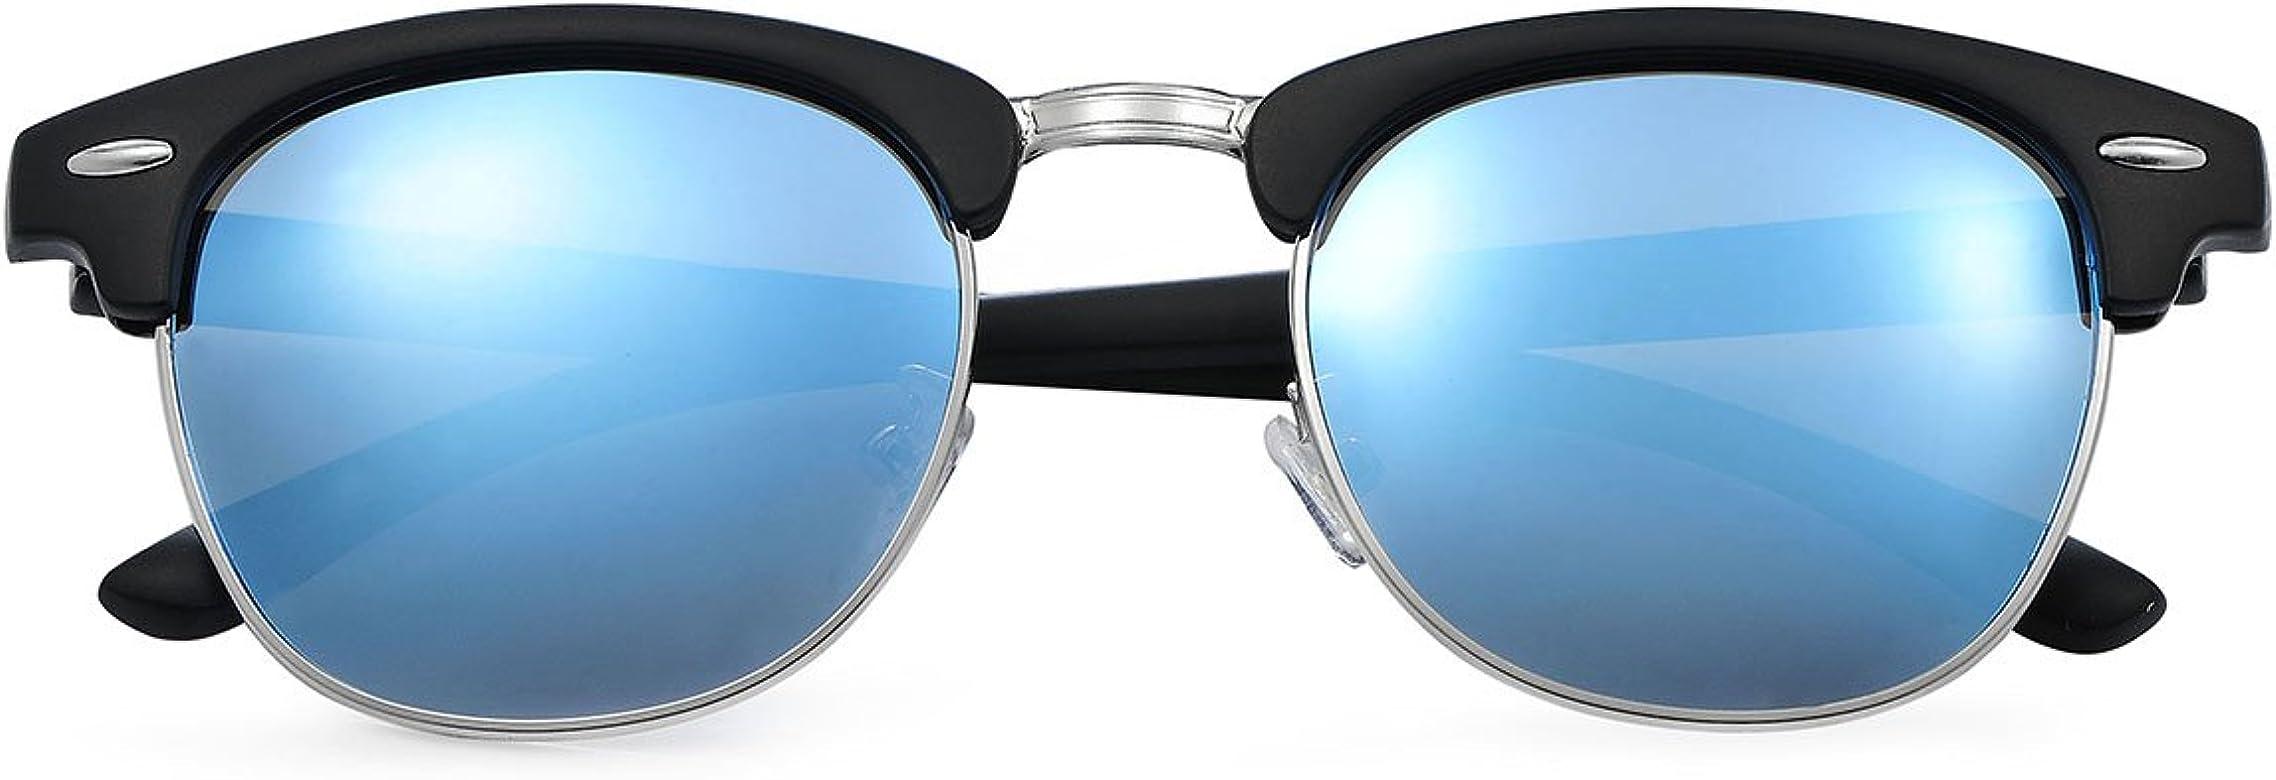 Yveser Gafas de sol polarizadas para hombre y mujer Yv5156 (Lente ...